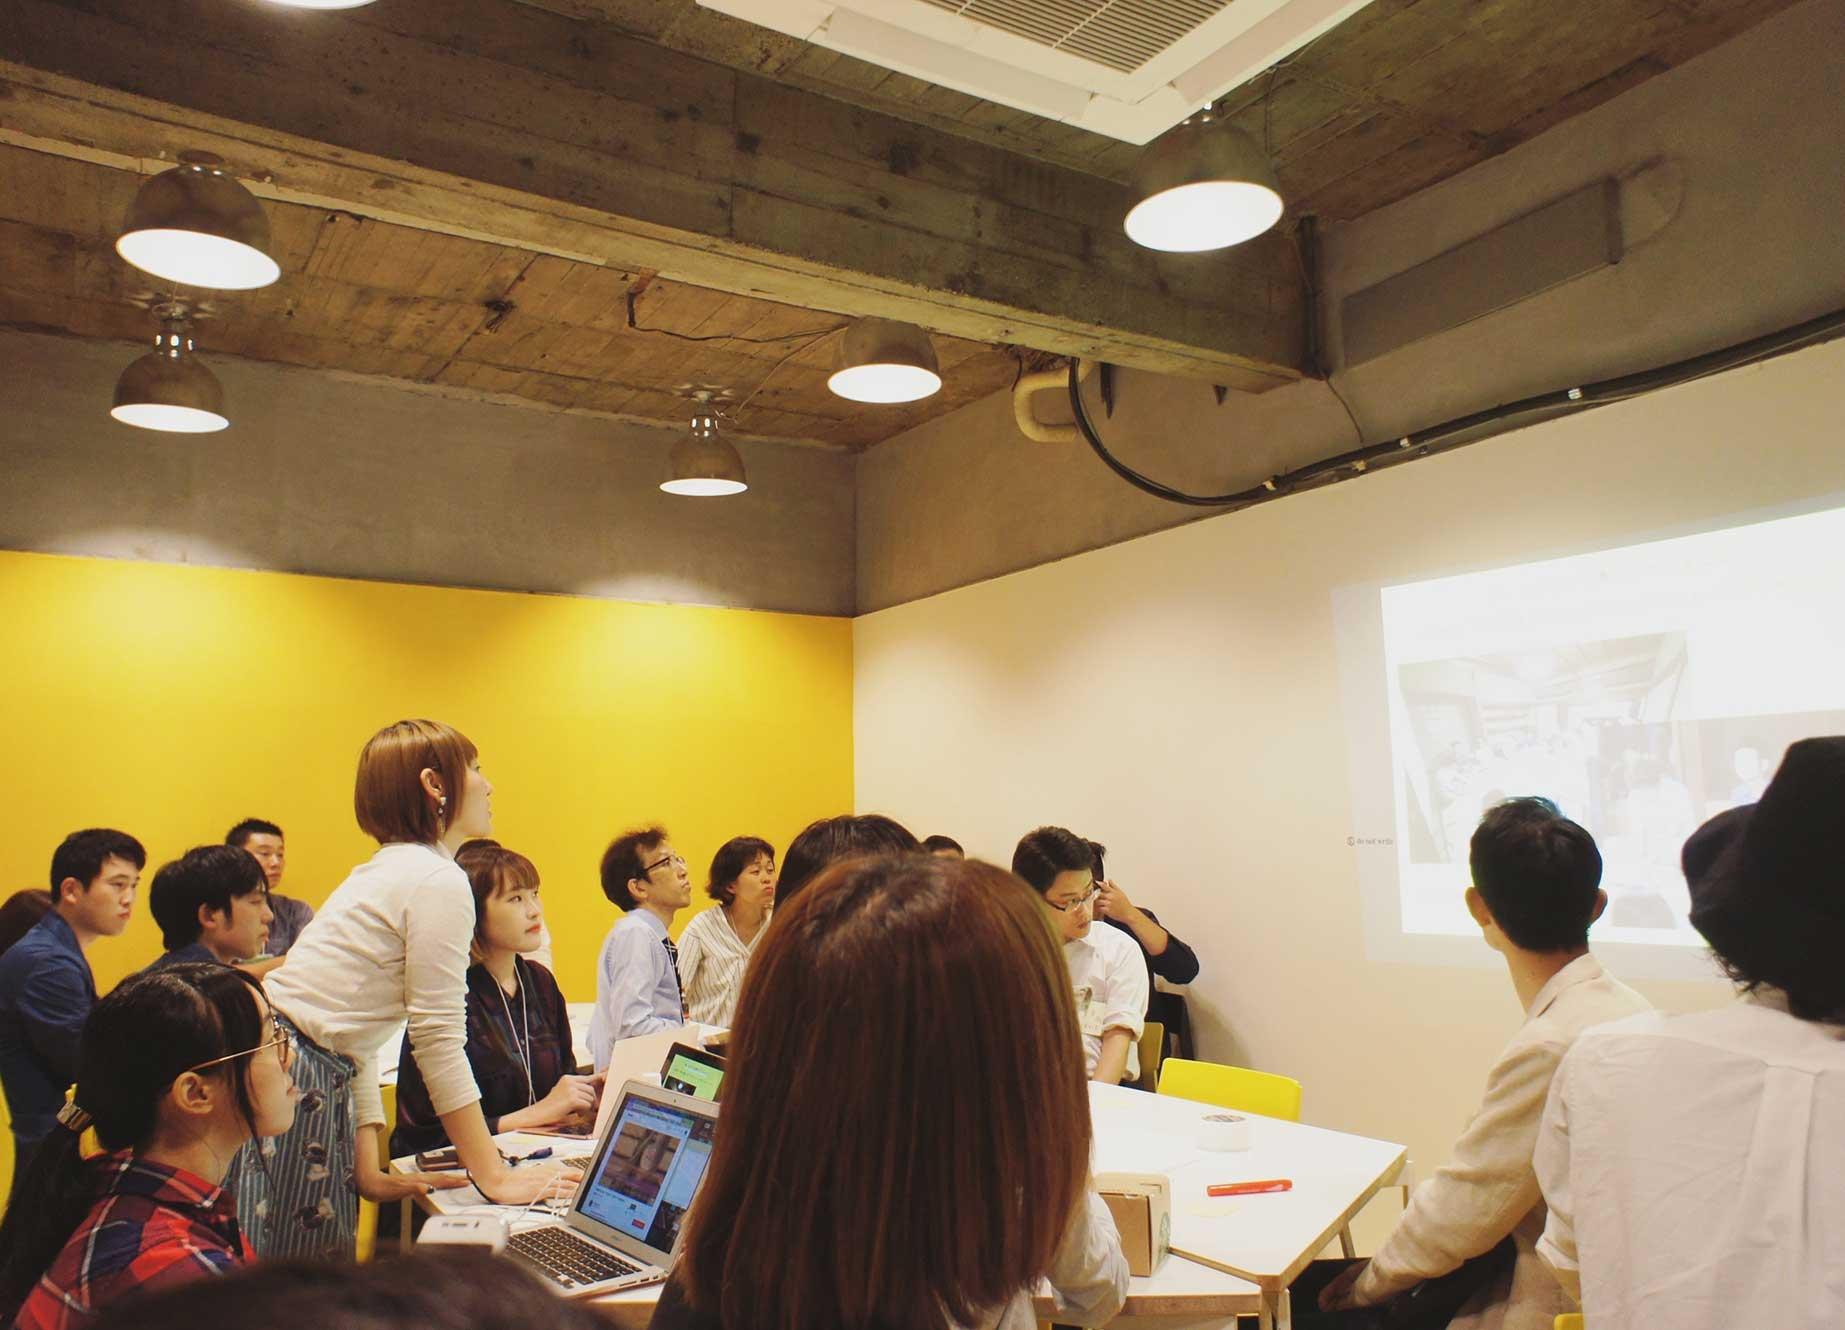 新宿・代々木 シェアオフィス x コワーキング | Connecting The Dots YOYOGI|地下大会議室